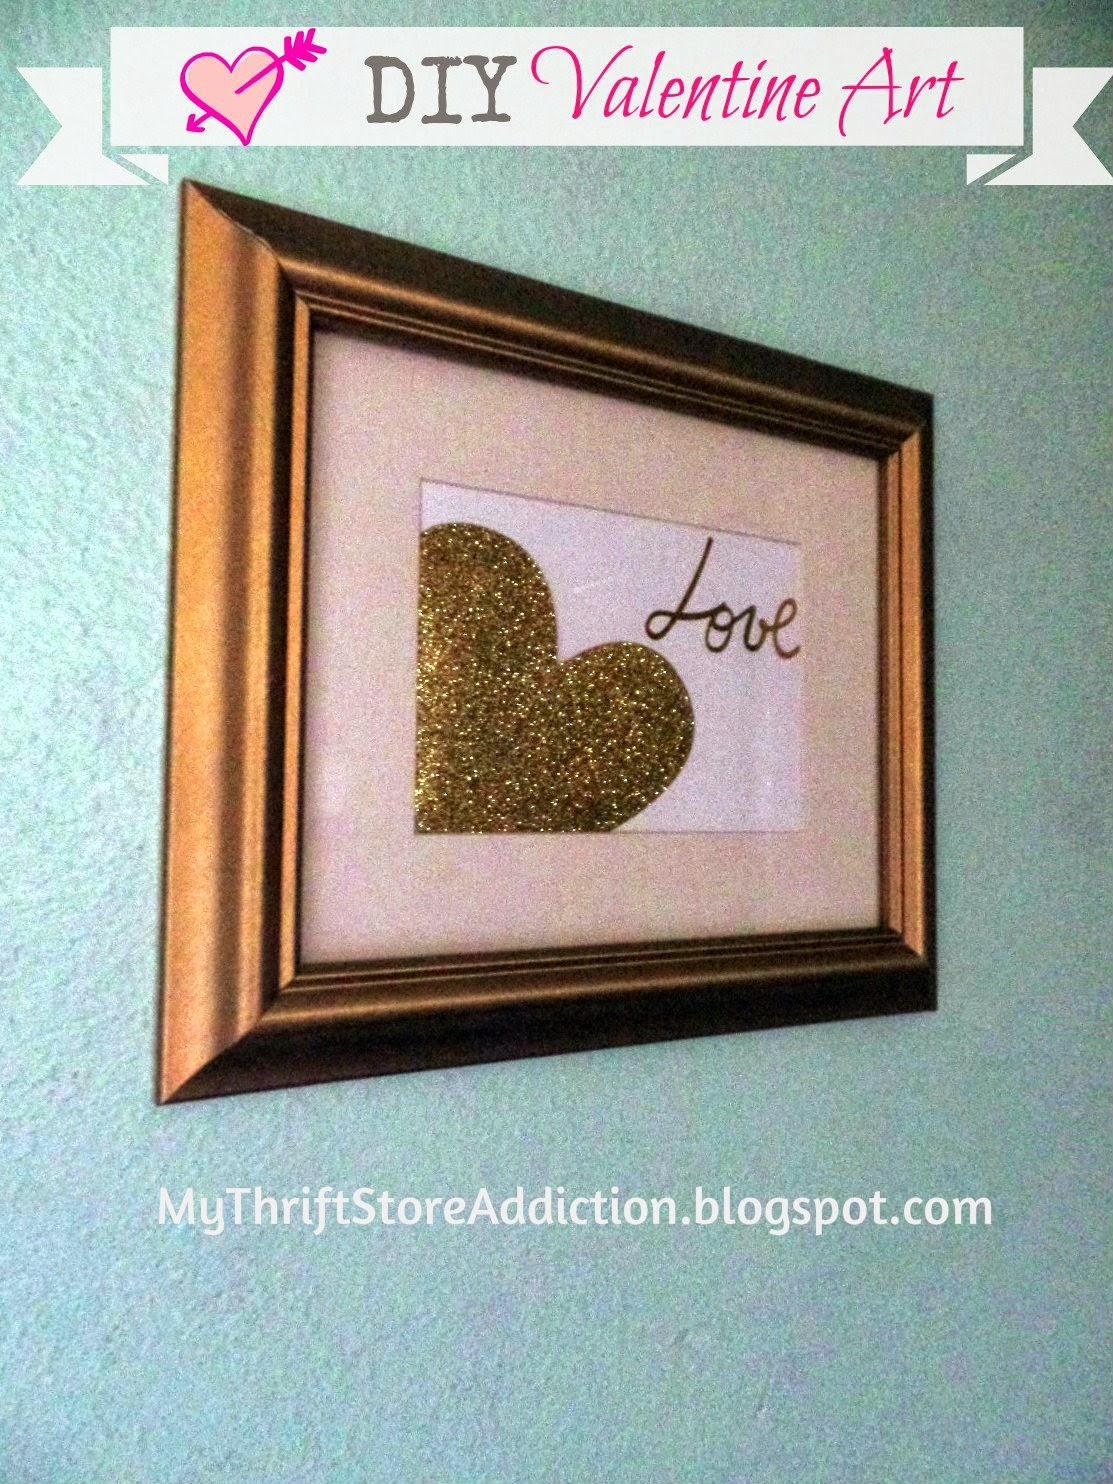 http://mythriftstoreaddiction.blogspot.com/2015/01/diy-valentine-art-for-1.html